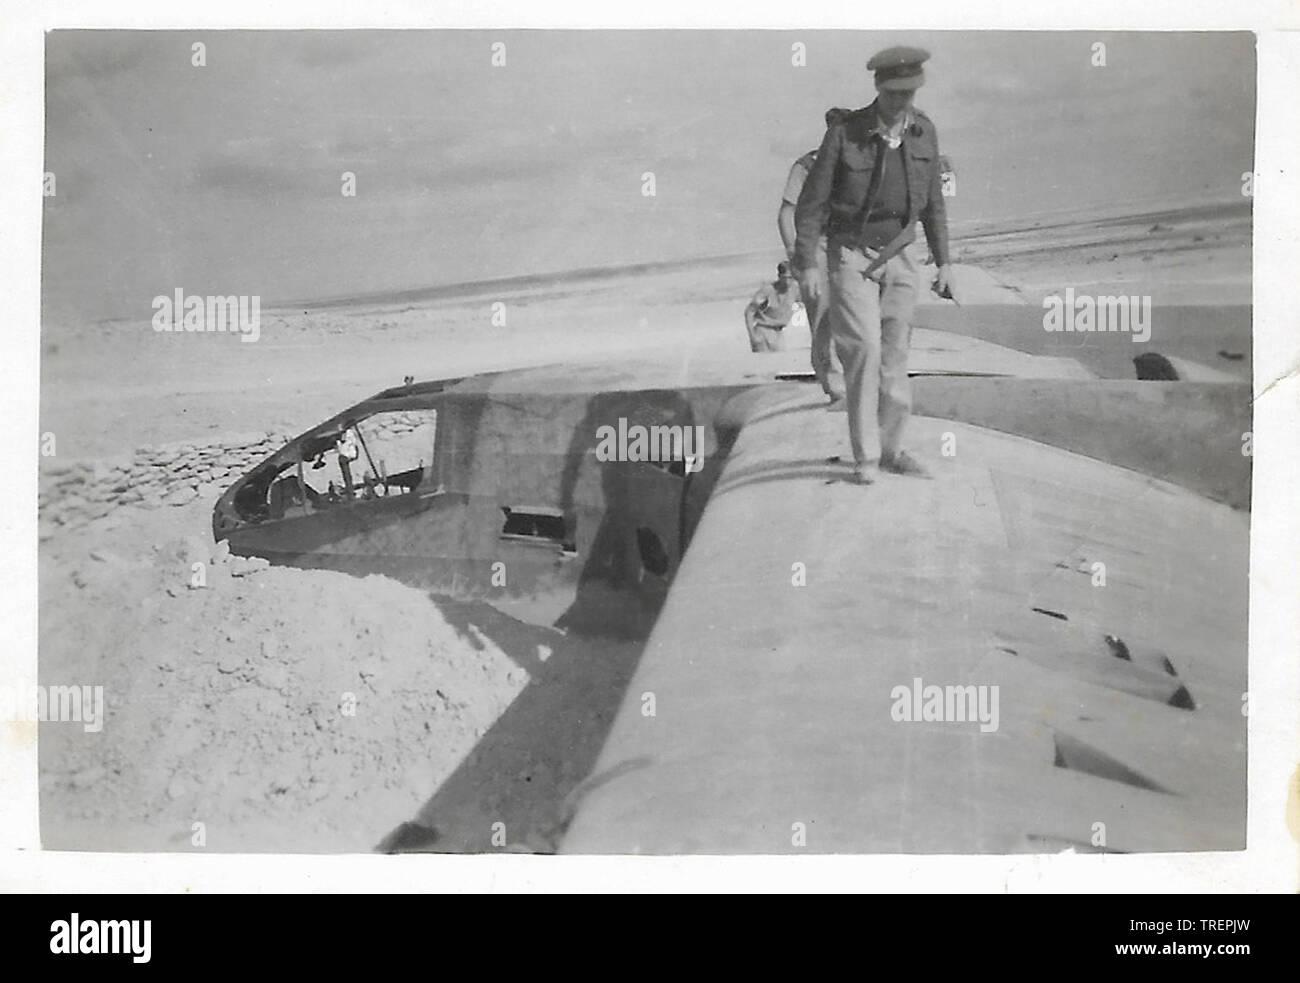 La récupération d'appareils écrasés au Soudan. Prises en 1943/44 par Flt Sgt Gleed RAF WW2, de l'Escadron 223 Photo Stock